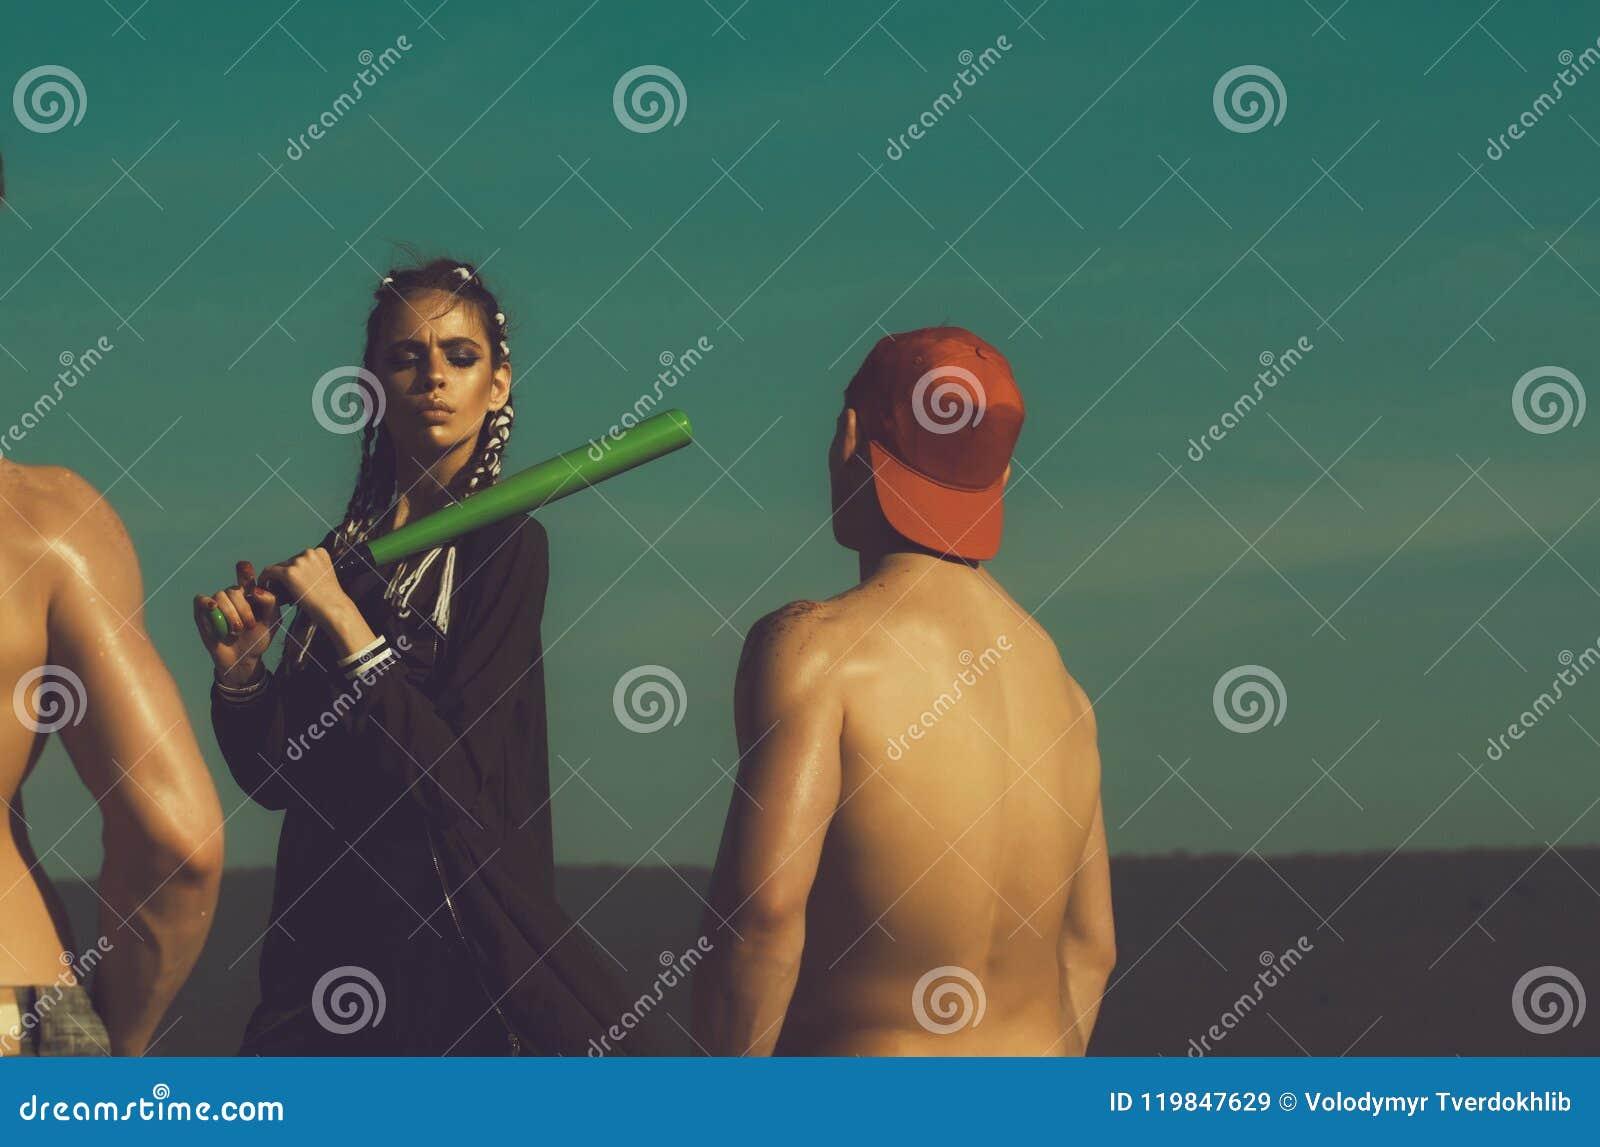 Baseball De Joueurs Des Hommes Musculaires Et Rue Combattants E29IeWYHD